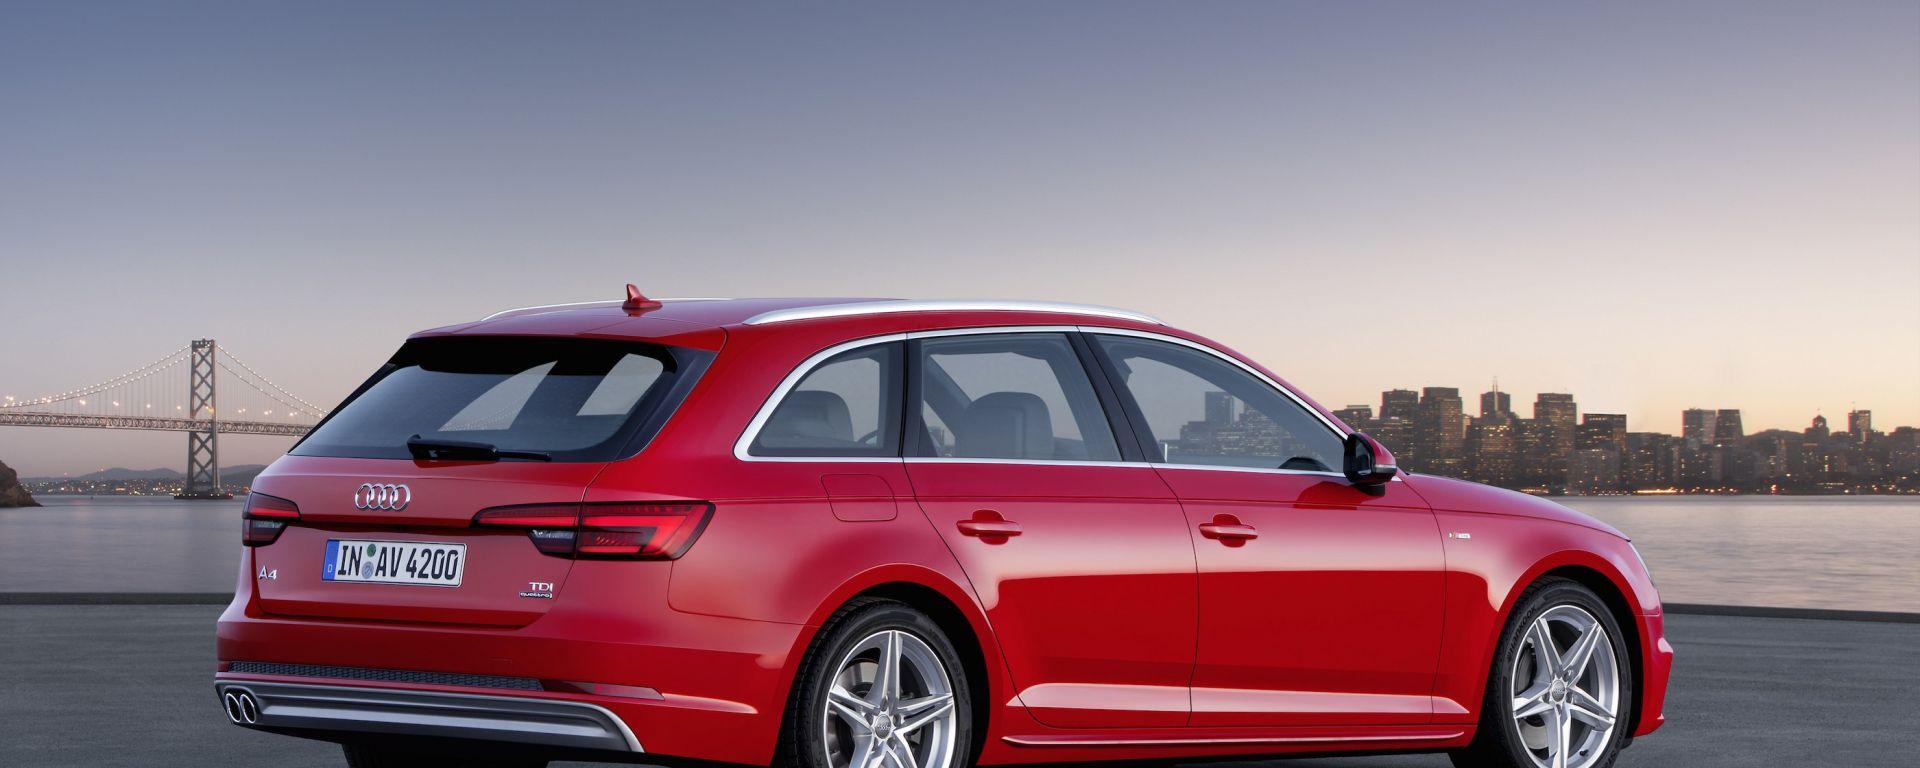 Audi A4 e A4 Avant 2016